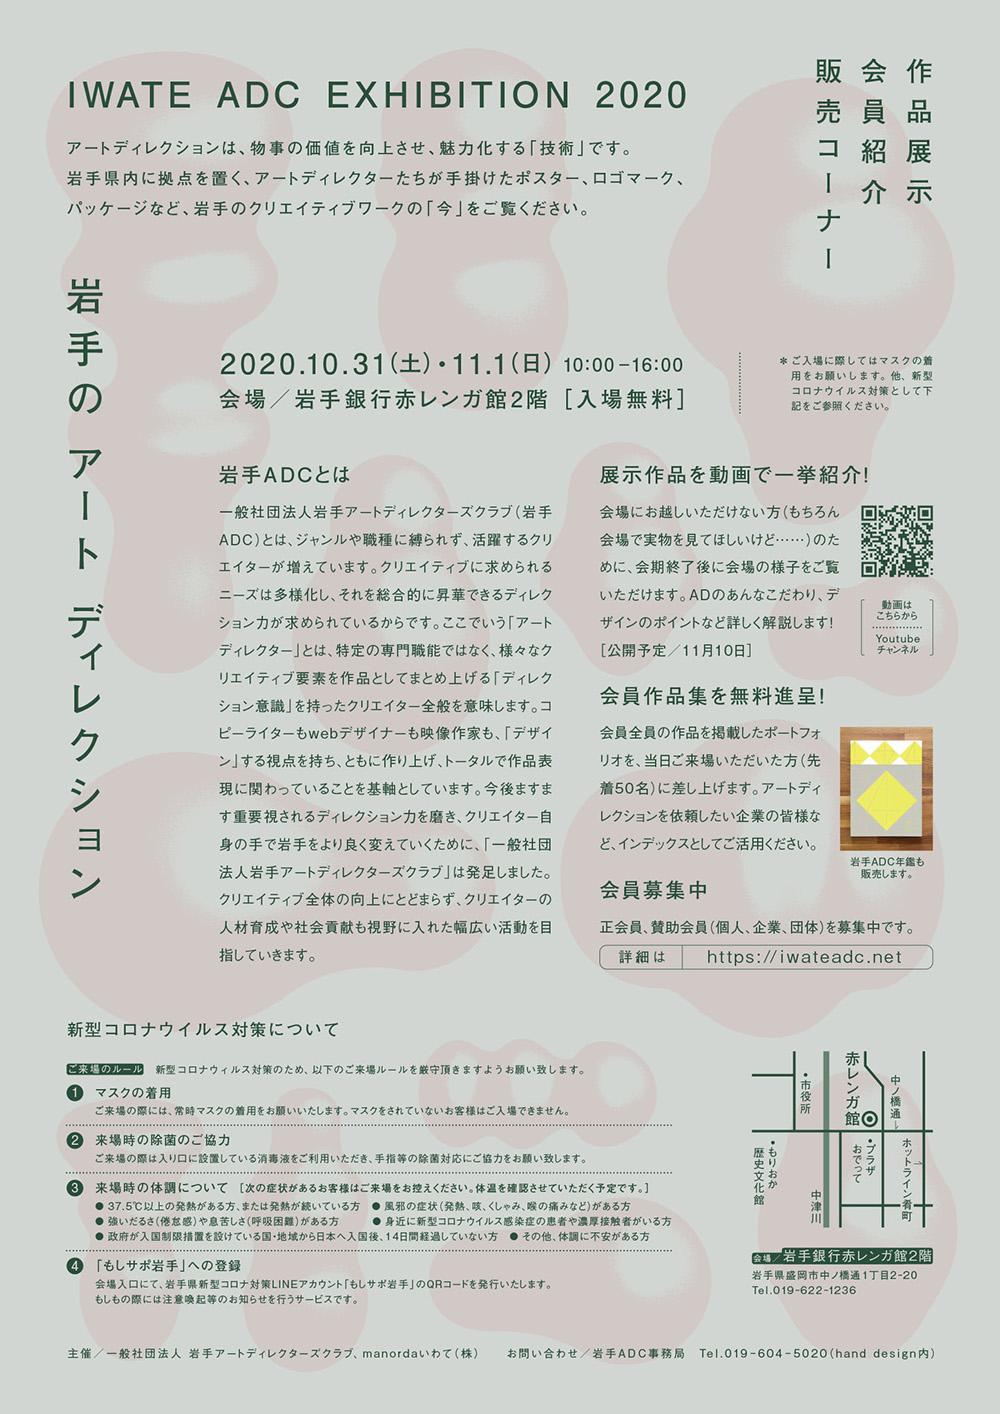 岩手のアートディレクション展ポスター